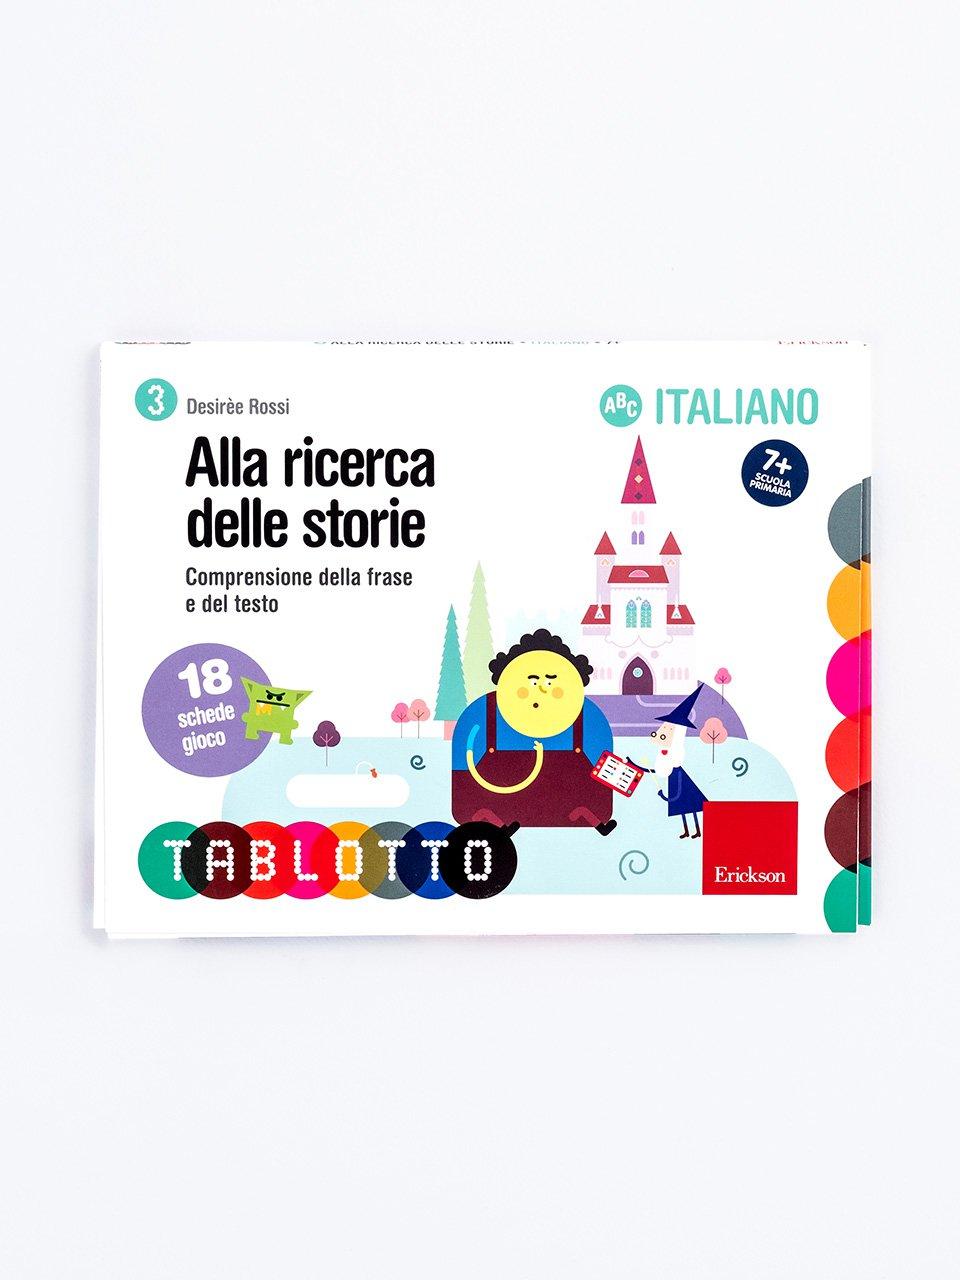 Schede per Tablotto (6-8 anni) - Alla ricerca delle storie - Tablotto (6-8 anni) - Giochi - Erickson